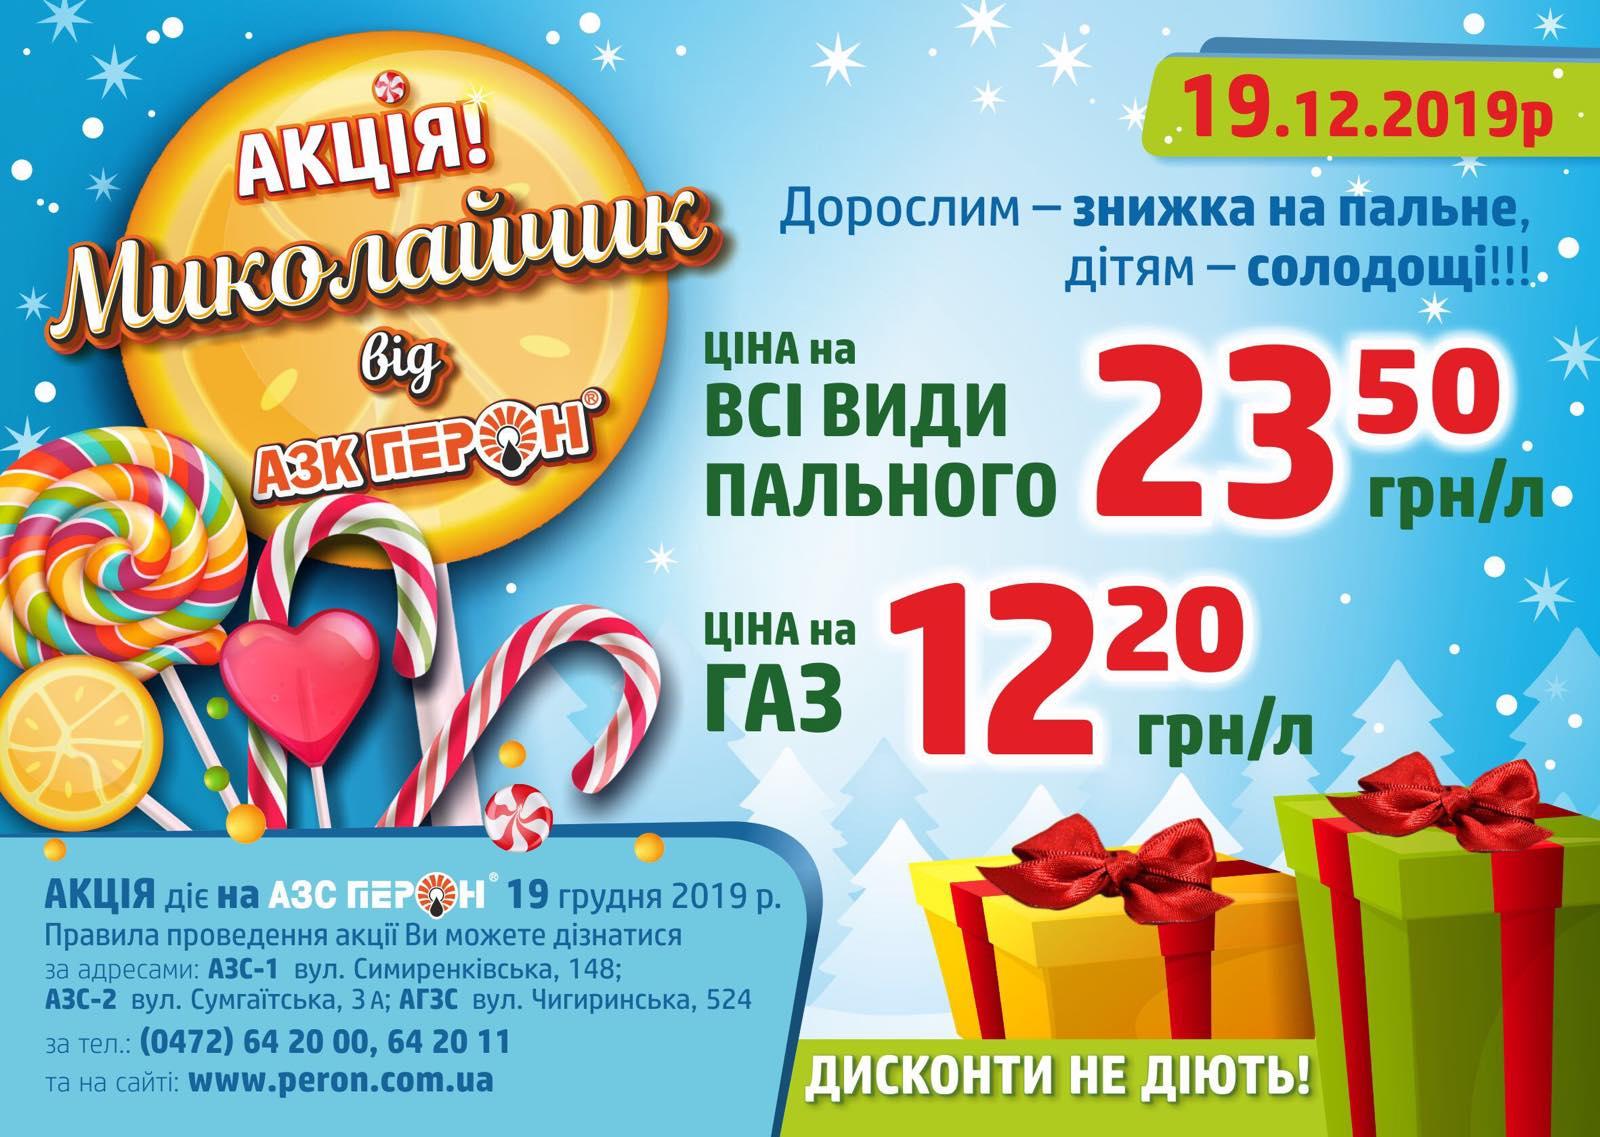 19 грудня АЗК «ПЕРОН» вітає зі святом Святого Миколая Чудотворця та дарує акцію «Миколайчик» від АЗК «ПЕРОН»!